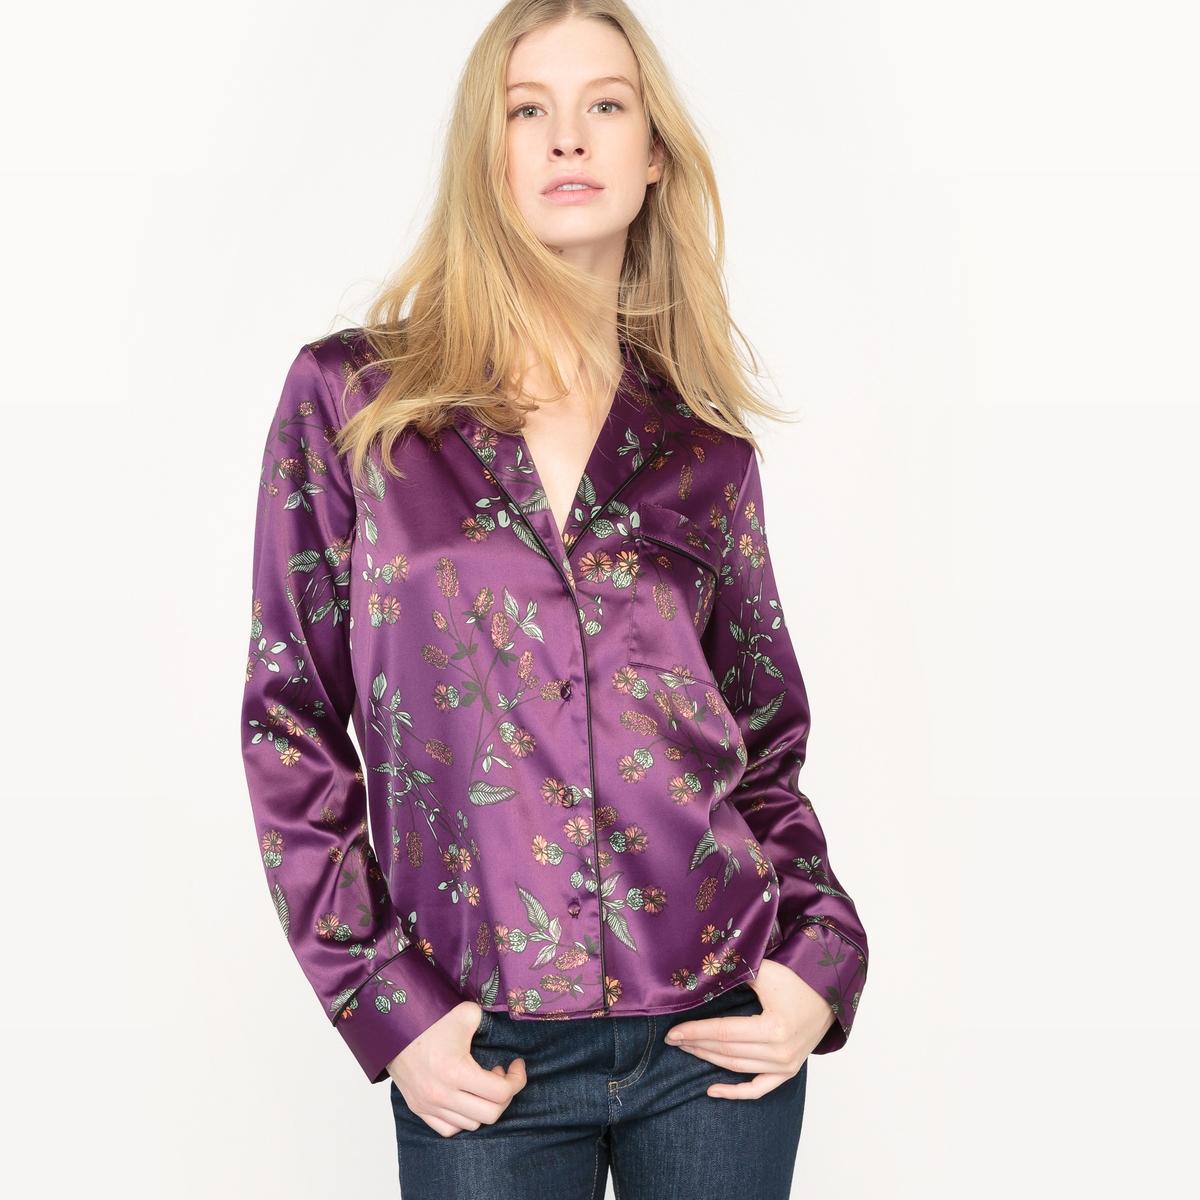 Рубашка из сатина с рисункомРубашка-пижама из сатина. Сплошной принт в японском стиле. Длинные рукава.  V-образный вырез с отворотом. Застежка на пуговицы. 1 нагрудный карман. Тонкая контрастная окантовка кармана, манжет и края выреза. Состав и описаниеМатериал : 96% полиэстера, 4% эластанаДлина : 62 смМарка :      R ?ditionУход Машинная стирка при 30 °C в деликатном режиме Стирать с вещами схожих цветовМашинная сушка при умеренной температуреГладить при низкой температуре с изнаночной стороны<br><br>Цвет: фиолетовый наб. рисунок<br>Размер: 46 (FR) - 52 (RUS).40 (FR) - 46 (RUS)